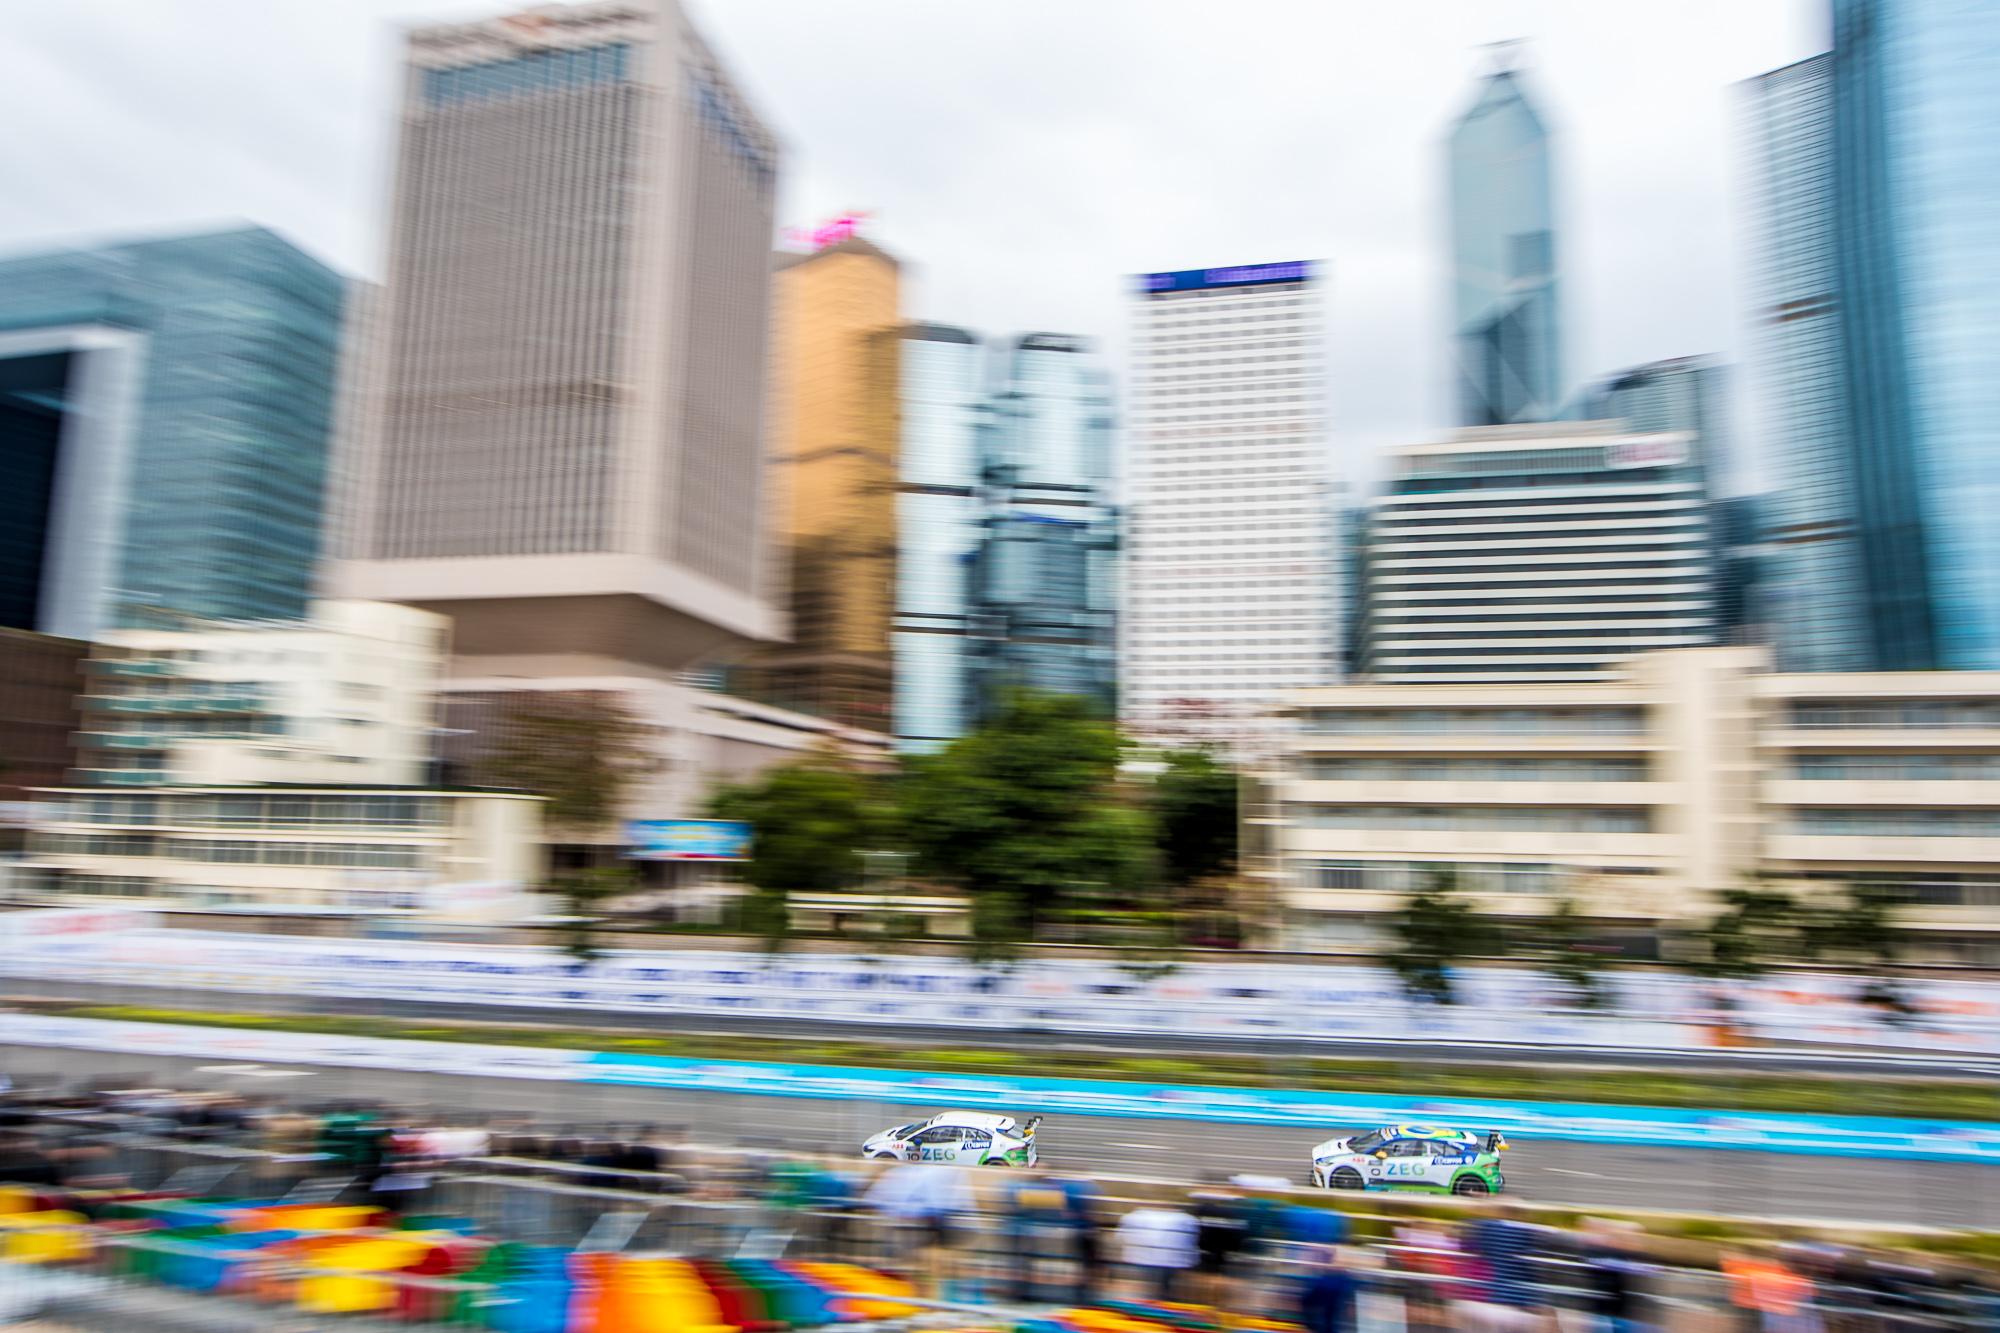 JaguarBR_5.HongKong_josemariodias_06021.